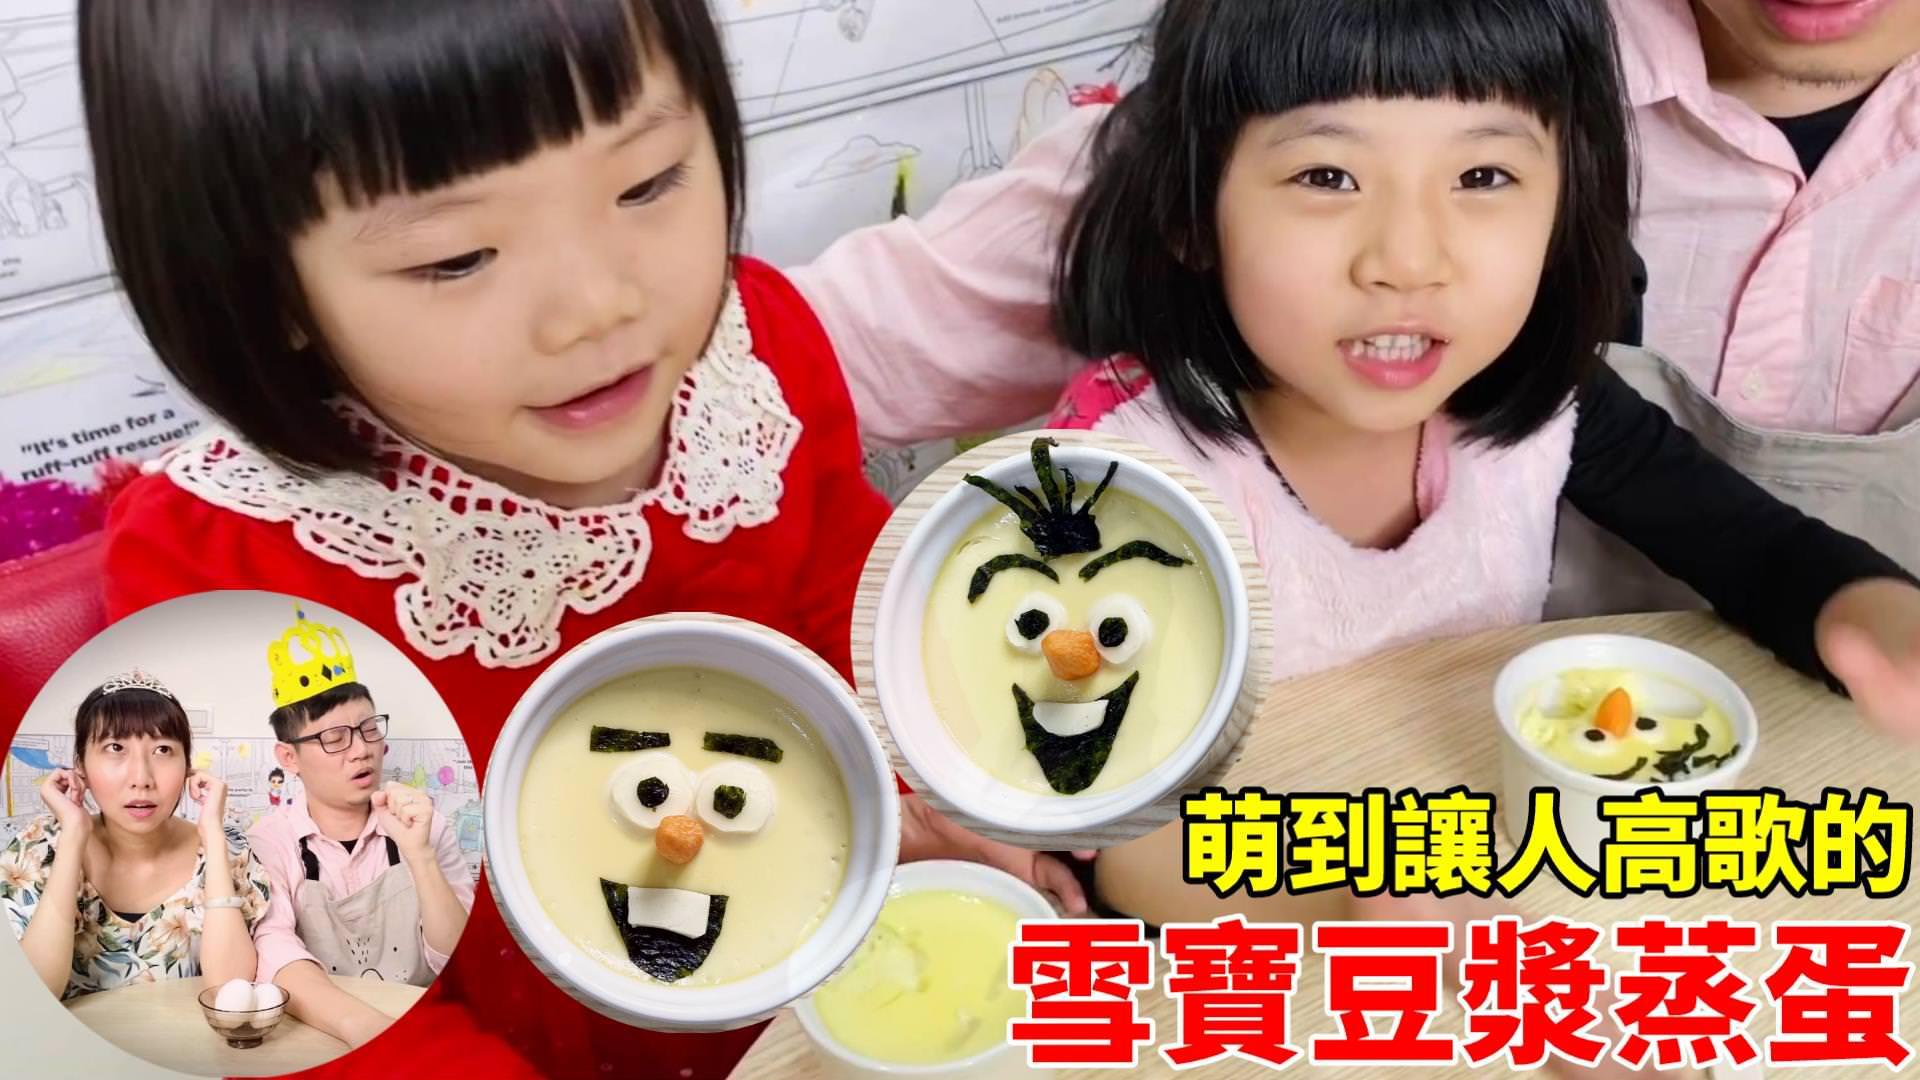 [食譜]冰雪奇緣「雪寶造型蒸蛋」~像豆花一樣滑嫩!電鍋料理豆漿完美蒸蛋!